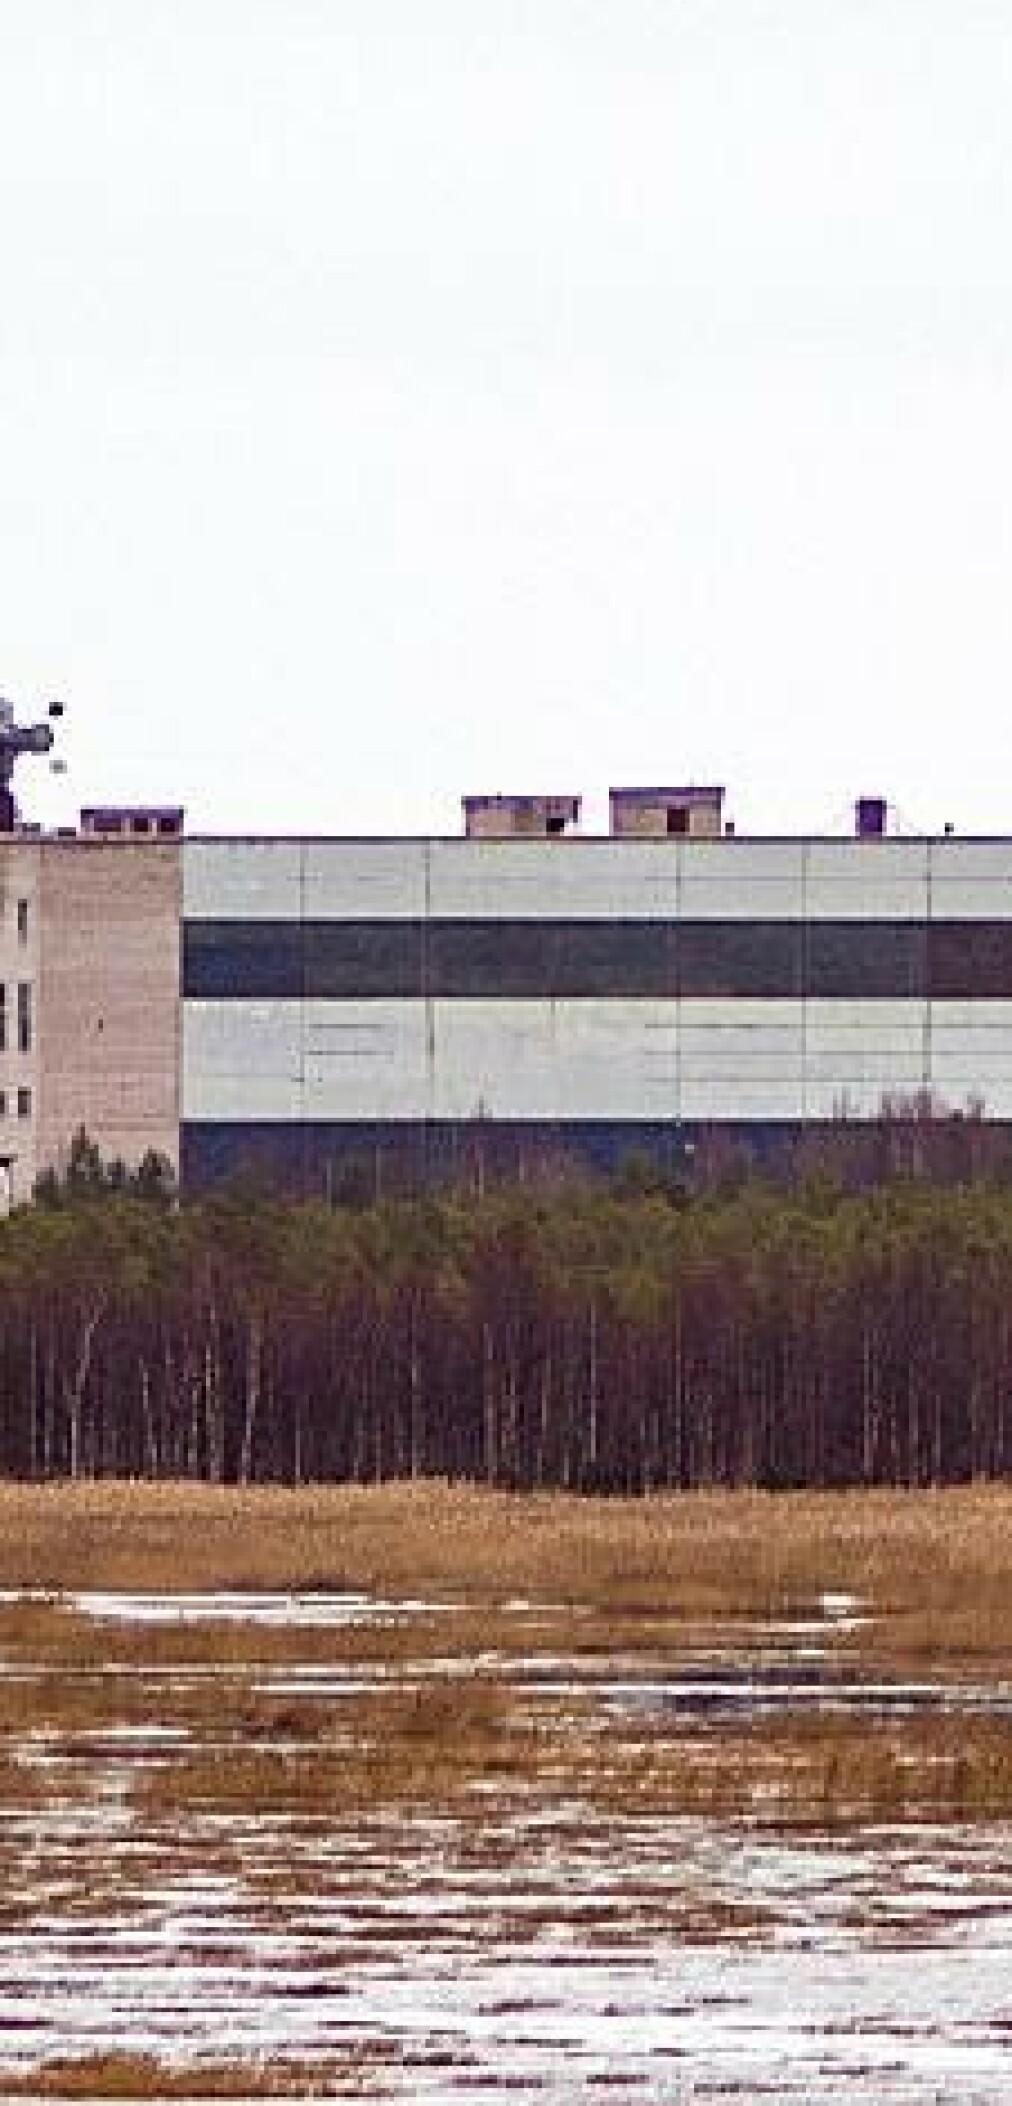 Atom-historien ryster russerne: Flere skadde kom nakne dekket i plast til sykehuset. Leger ble møtt av FSB-agenter